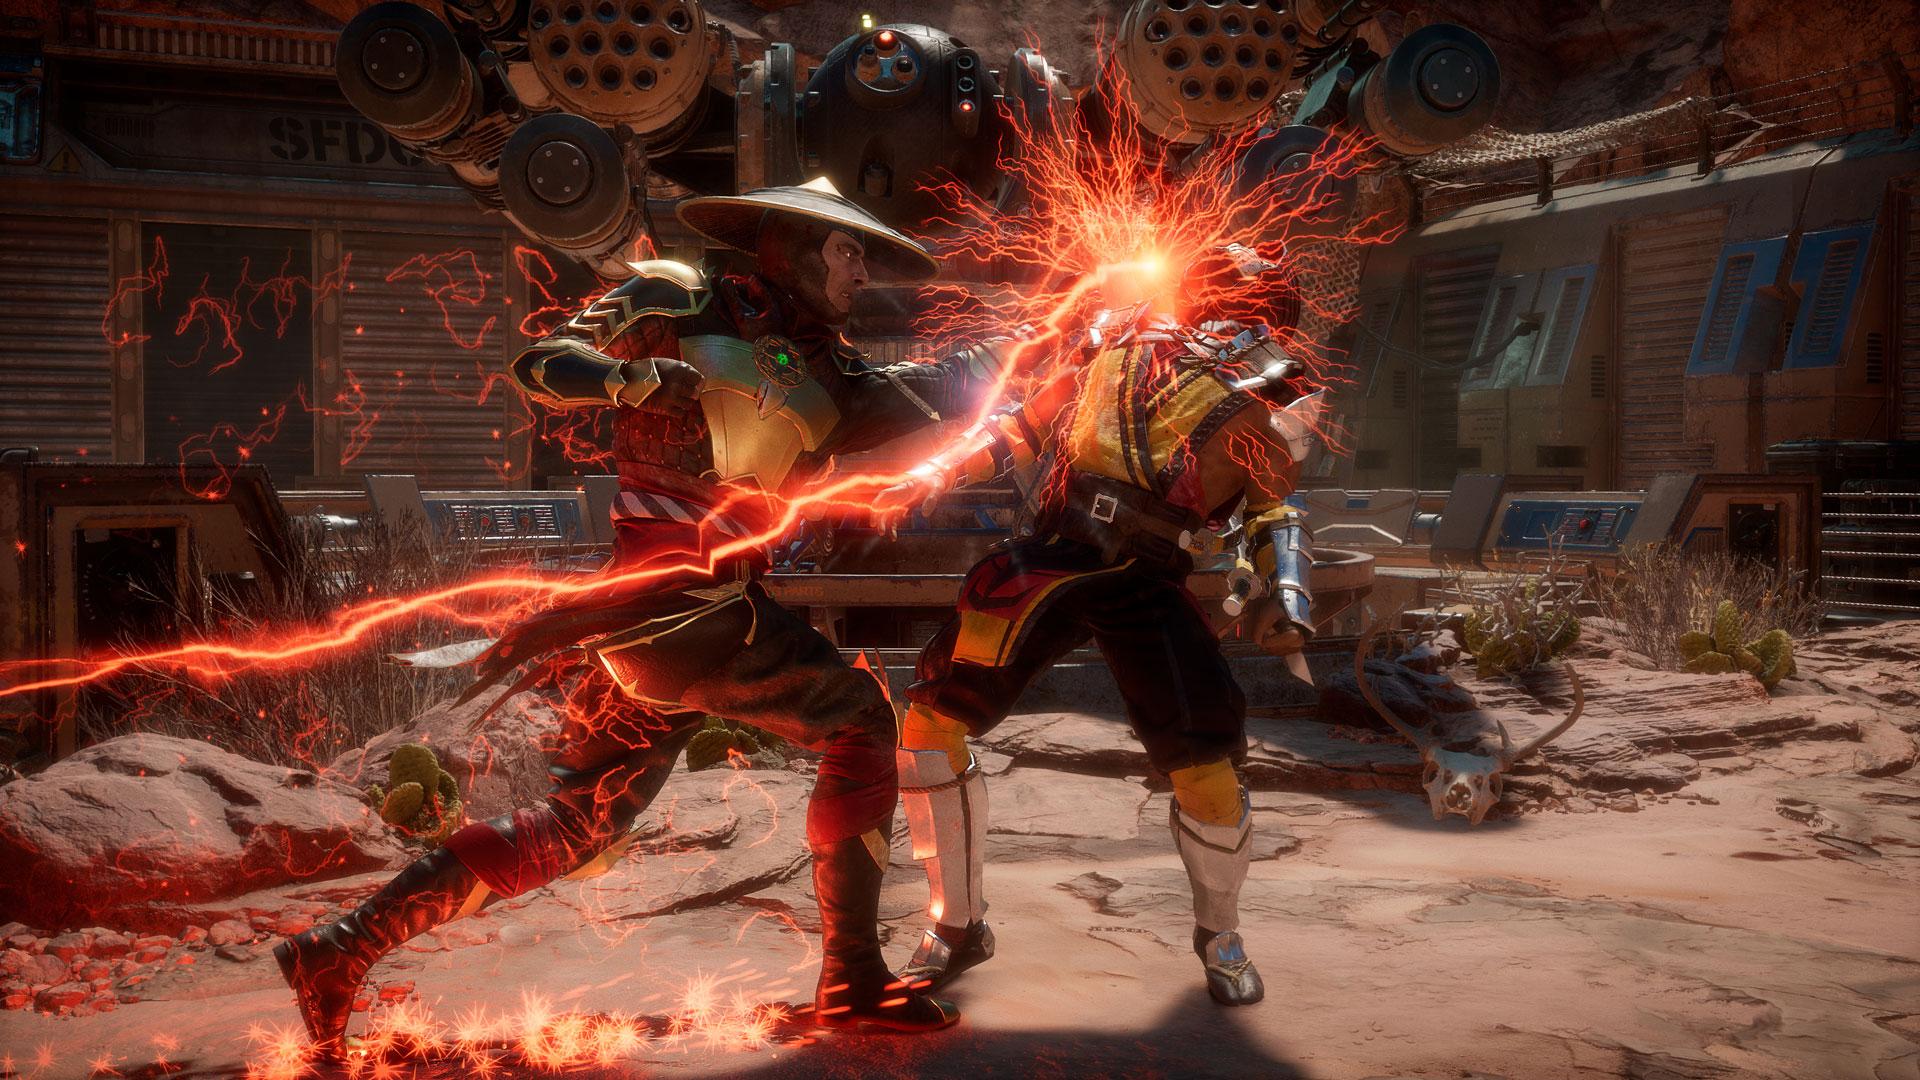 Mortal Kombat 11 [PC PS4 XONE SWITCH] Ss_5c4f1ad866b43b0d2aa18400216eb4e6168357b4.1920x1080